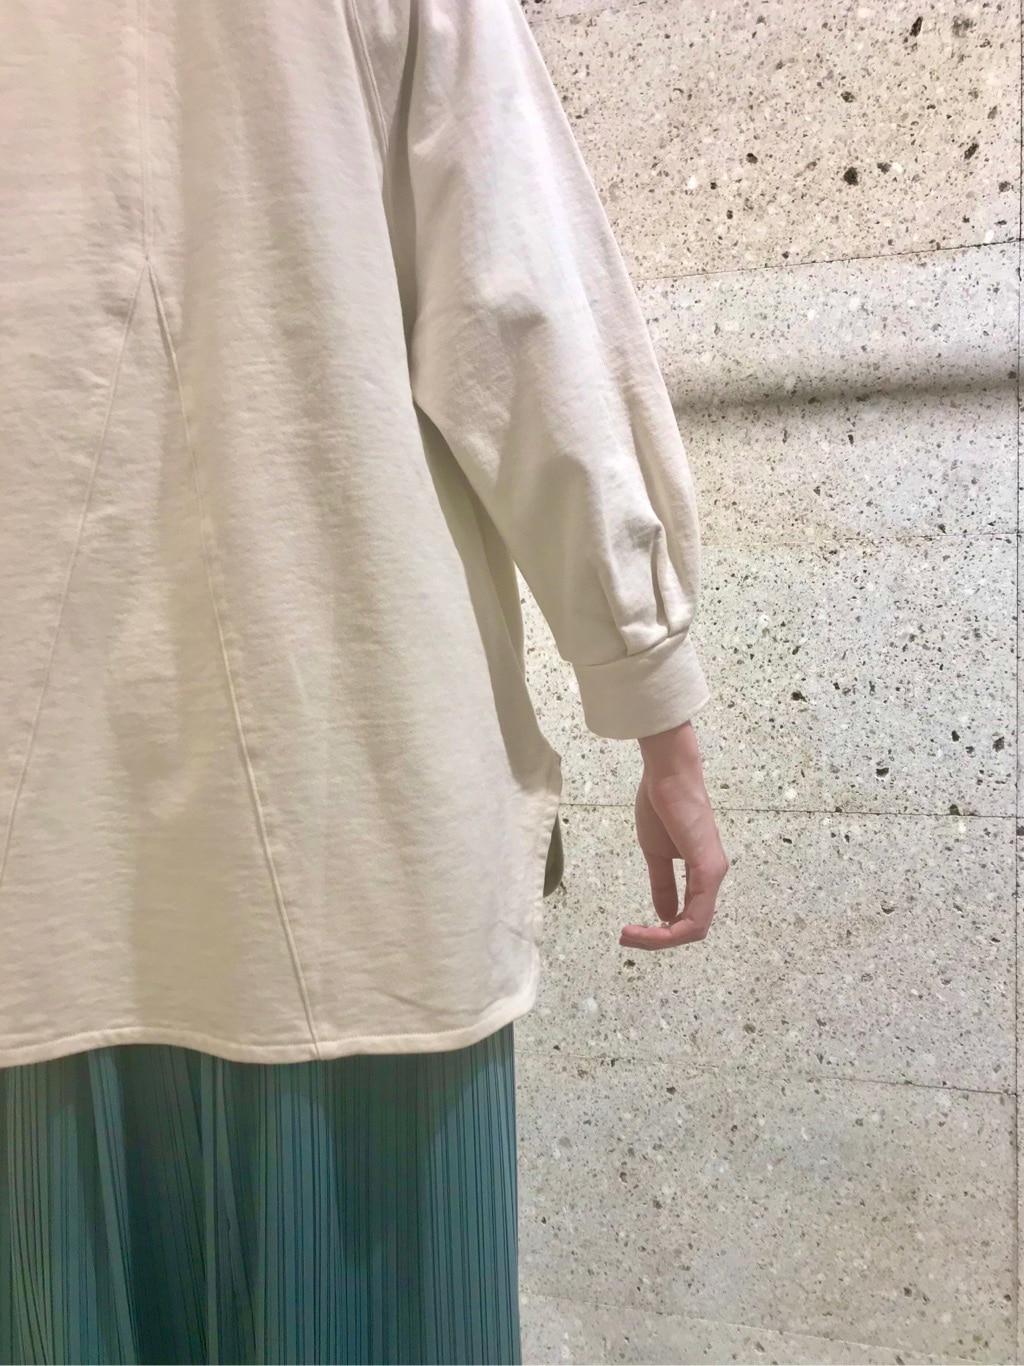 yuni ニュウマン横浜 身長:166cm 2021.01.22